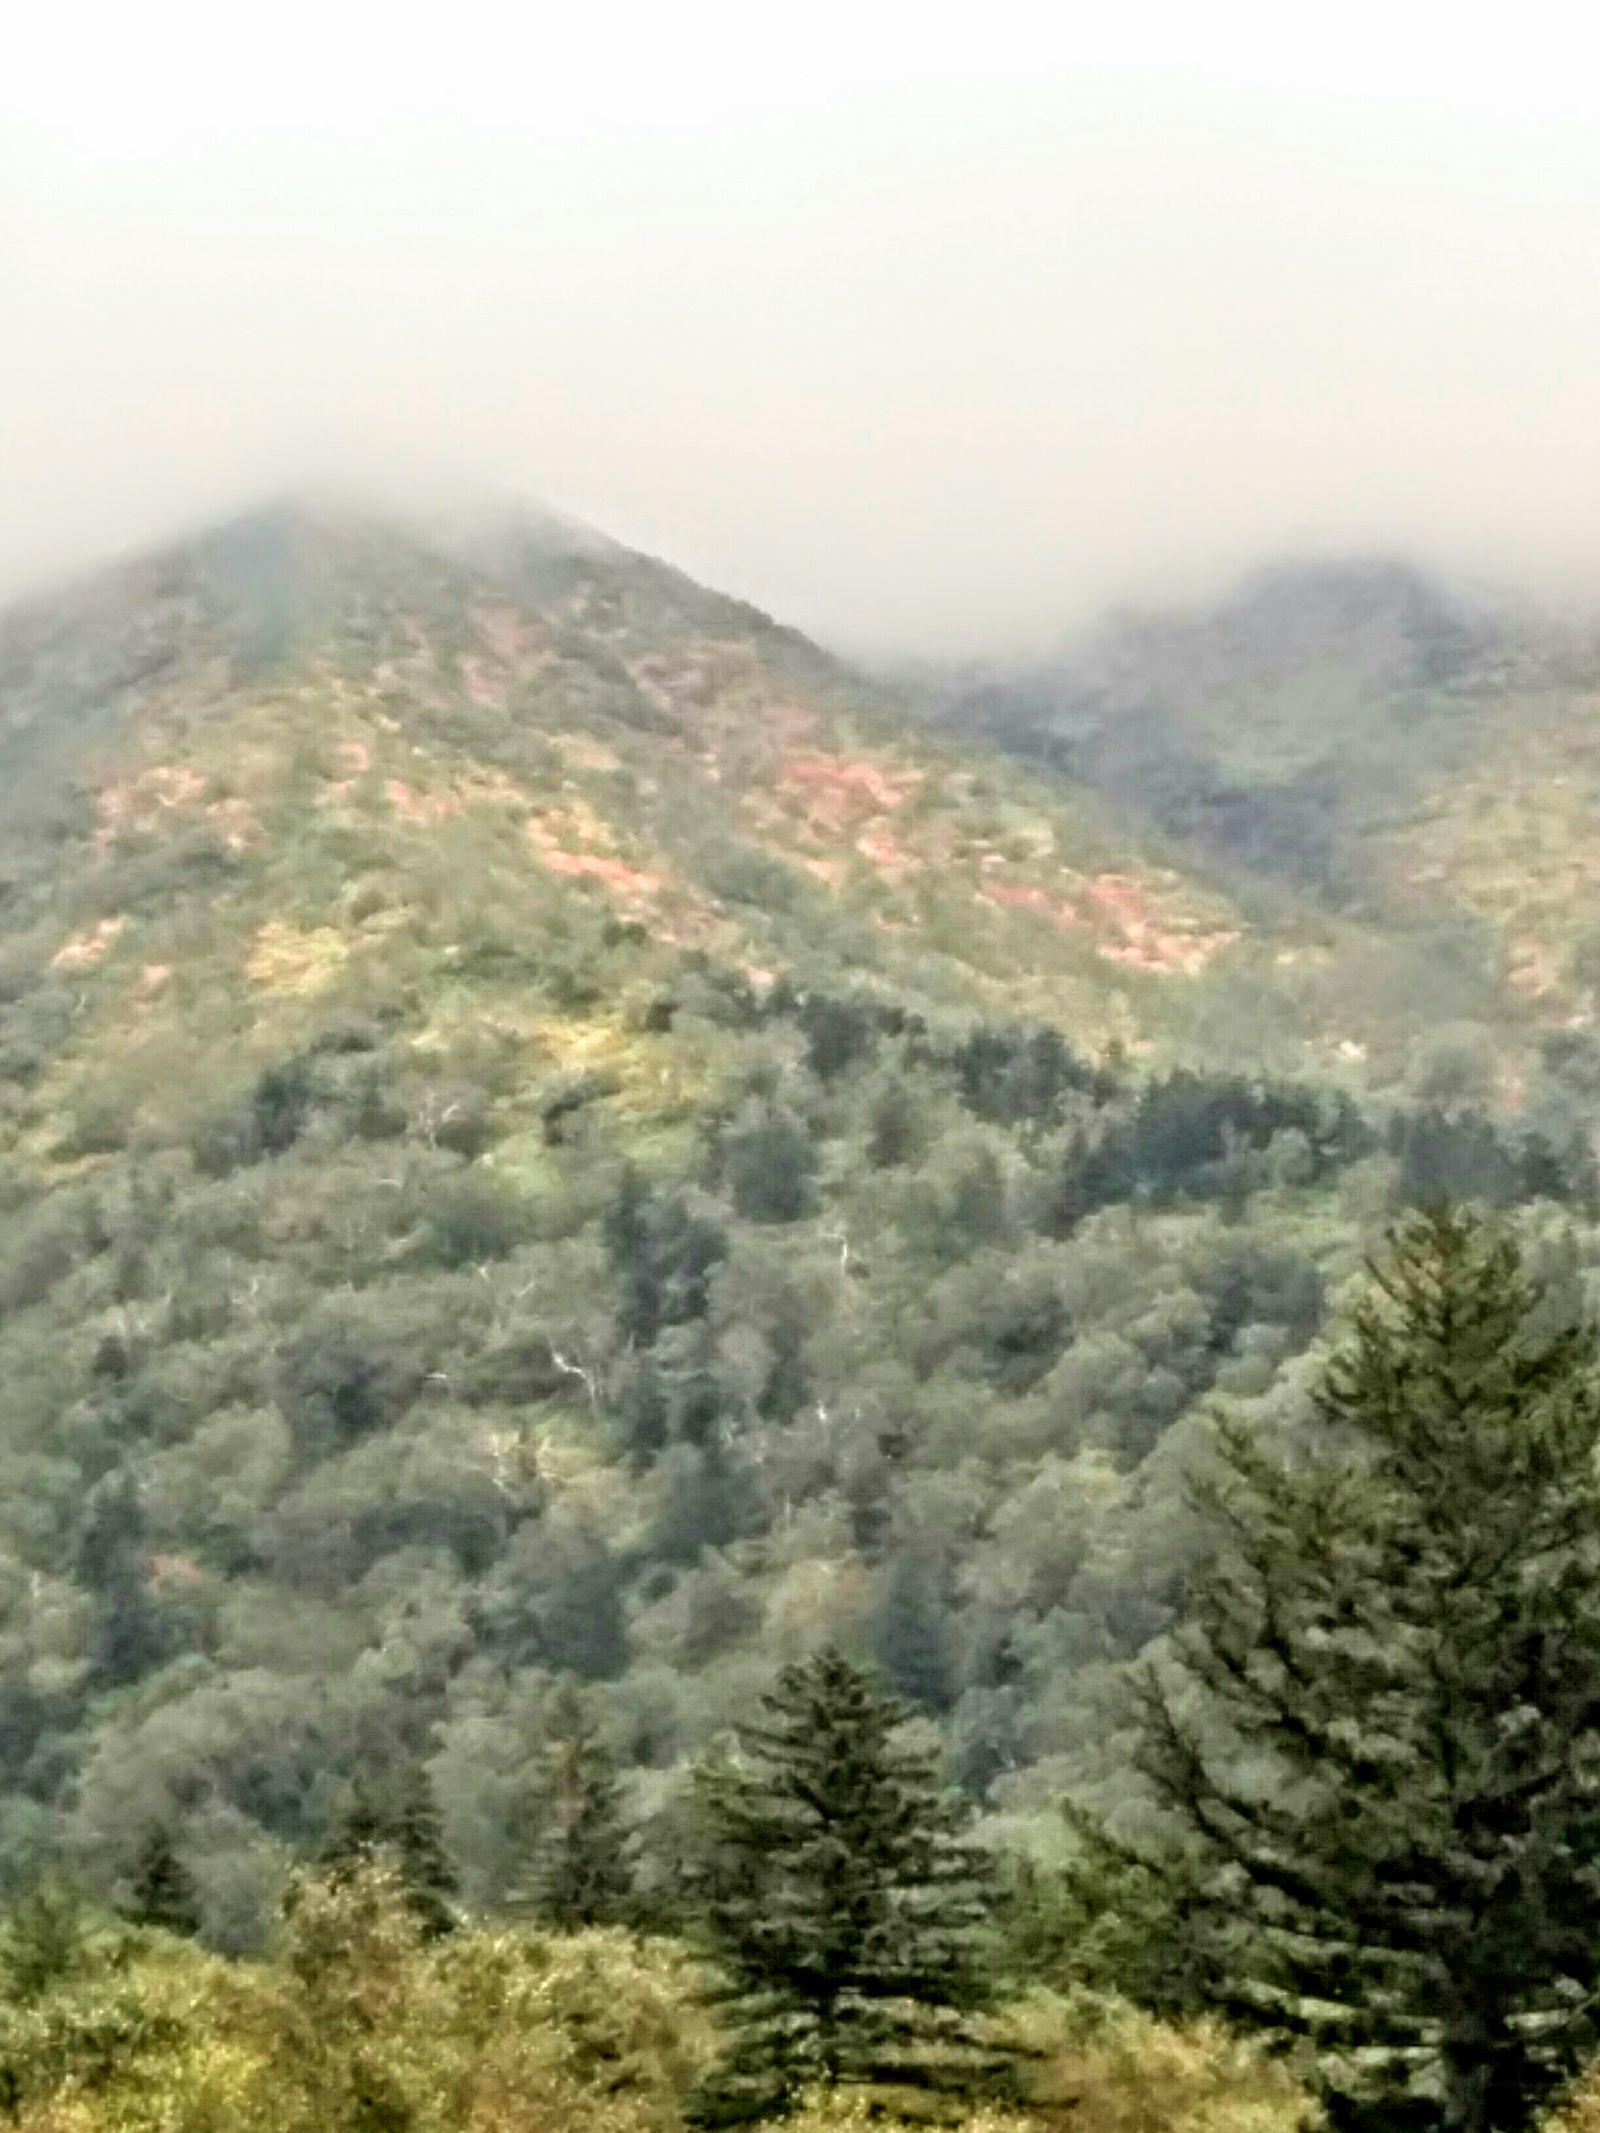 【十勝岳温泉】紅葉が始まった十勝連山とバーデン上富良野観光タクシー